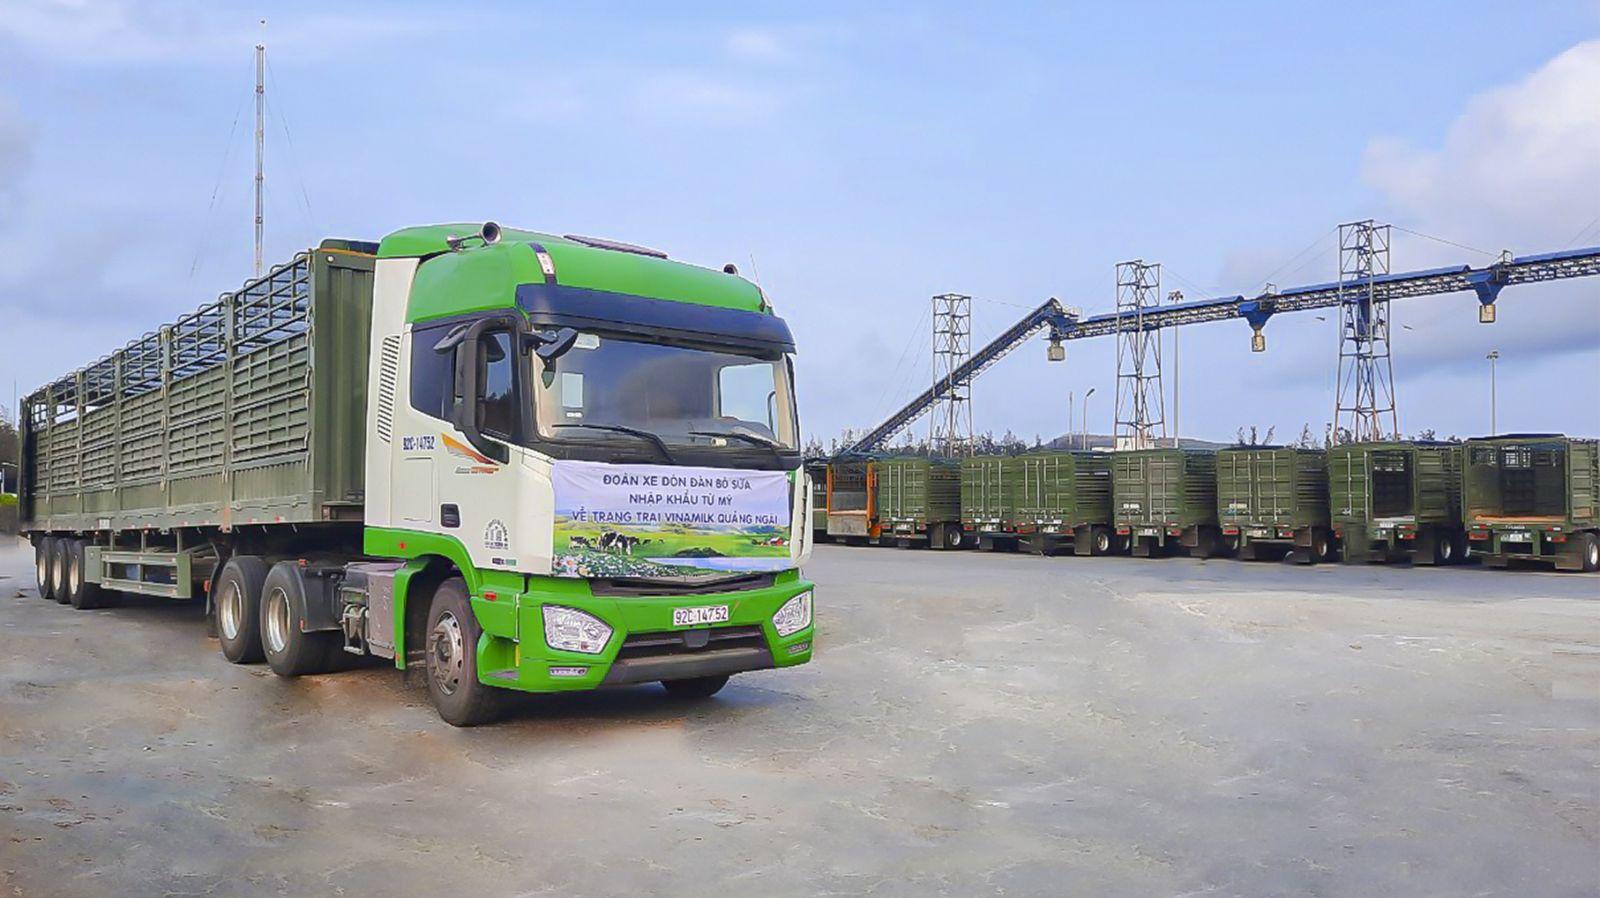 THILOGI vận chuyển bò nhập khẩu cho Vinamilk